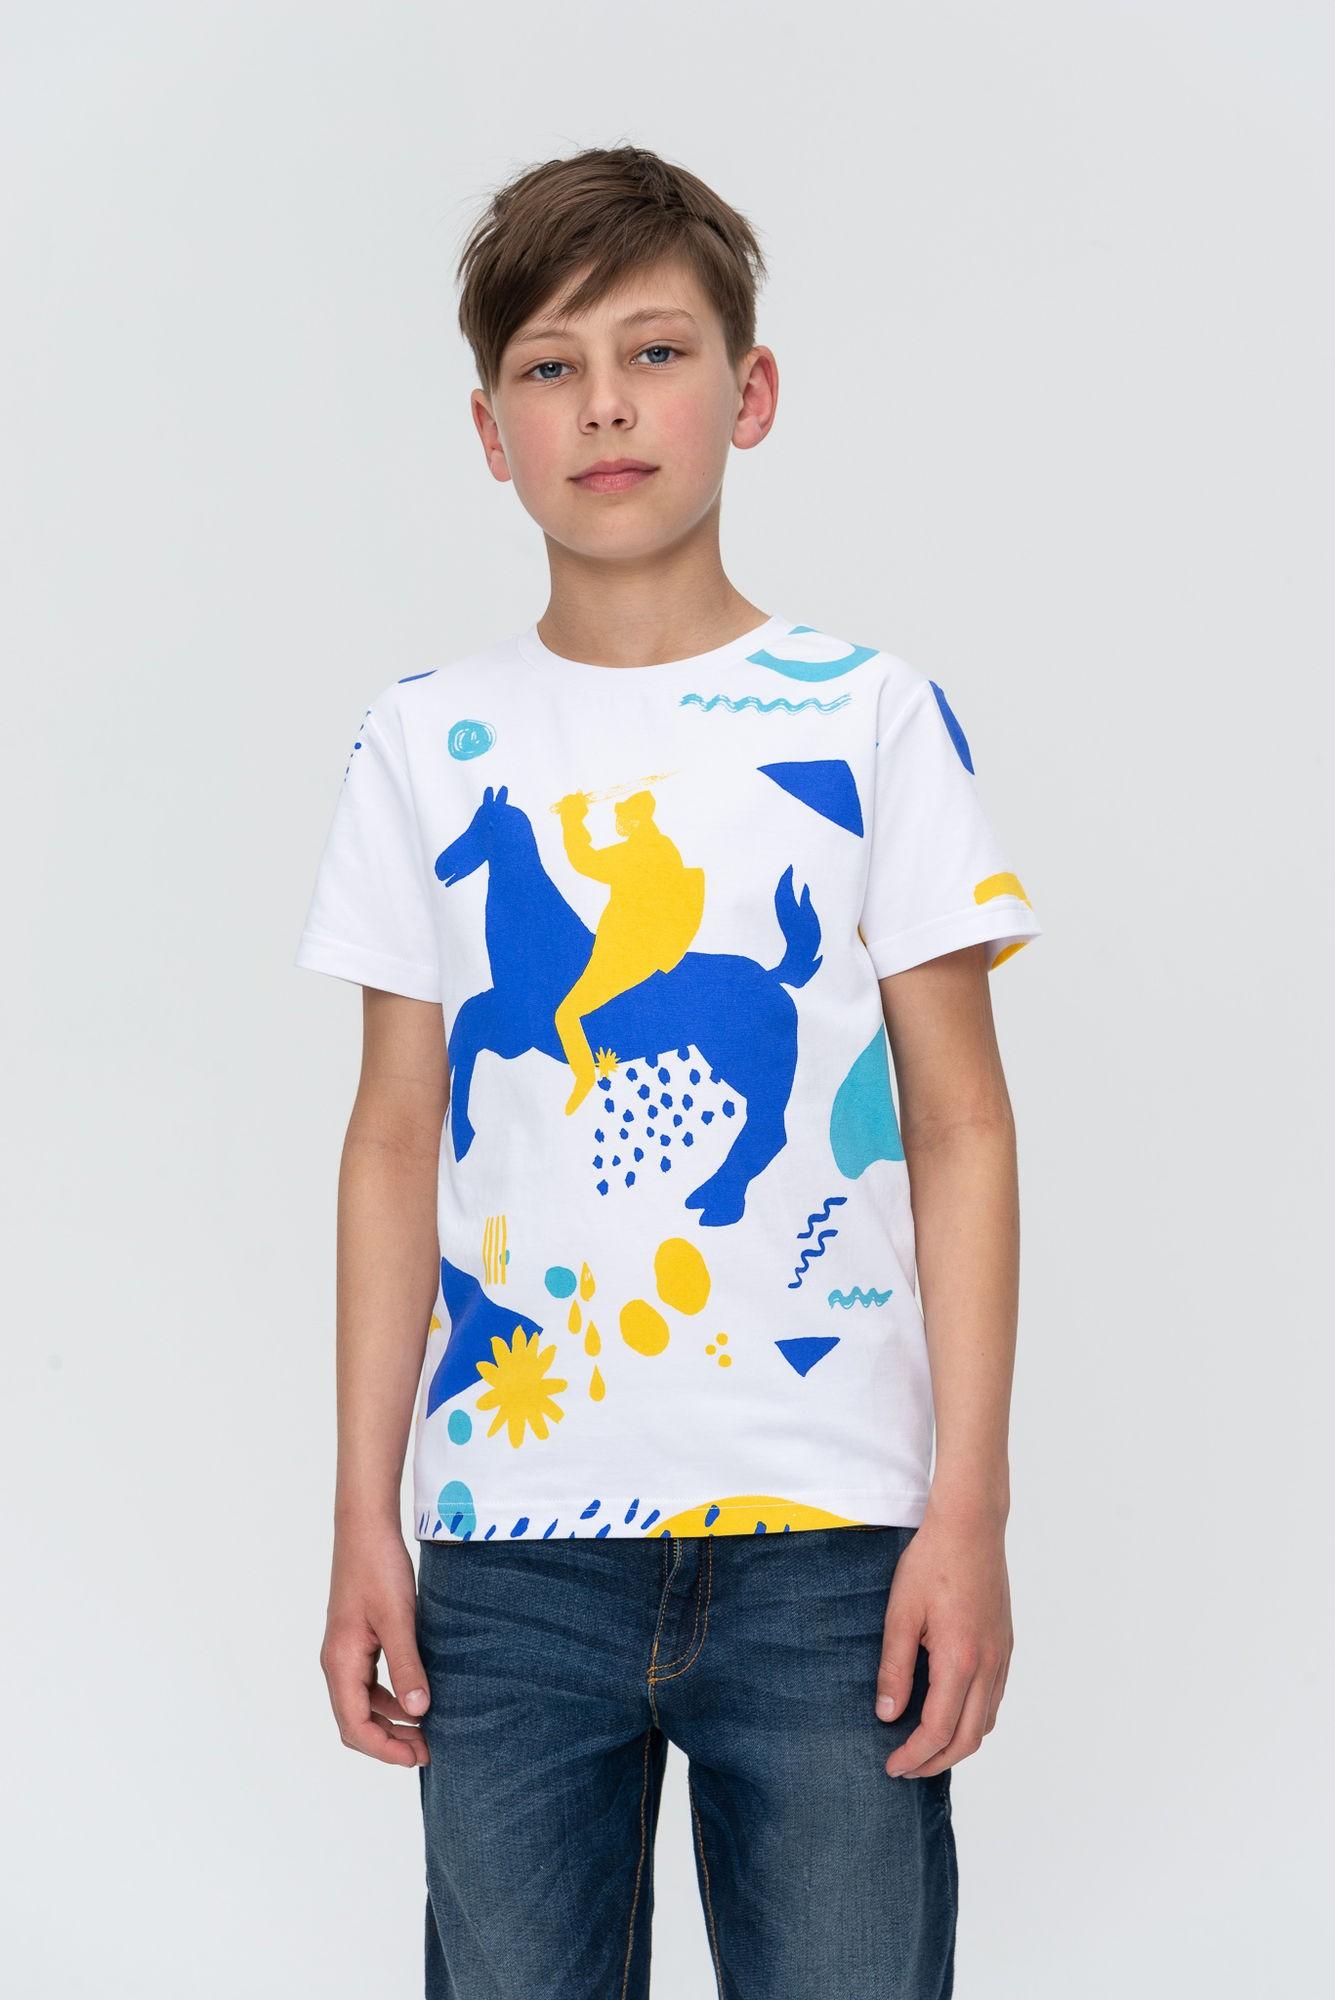 AUDIMAS Marškinėliai trumpomis rankovėmis 20HR-035 Vytis5/White Printed 128